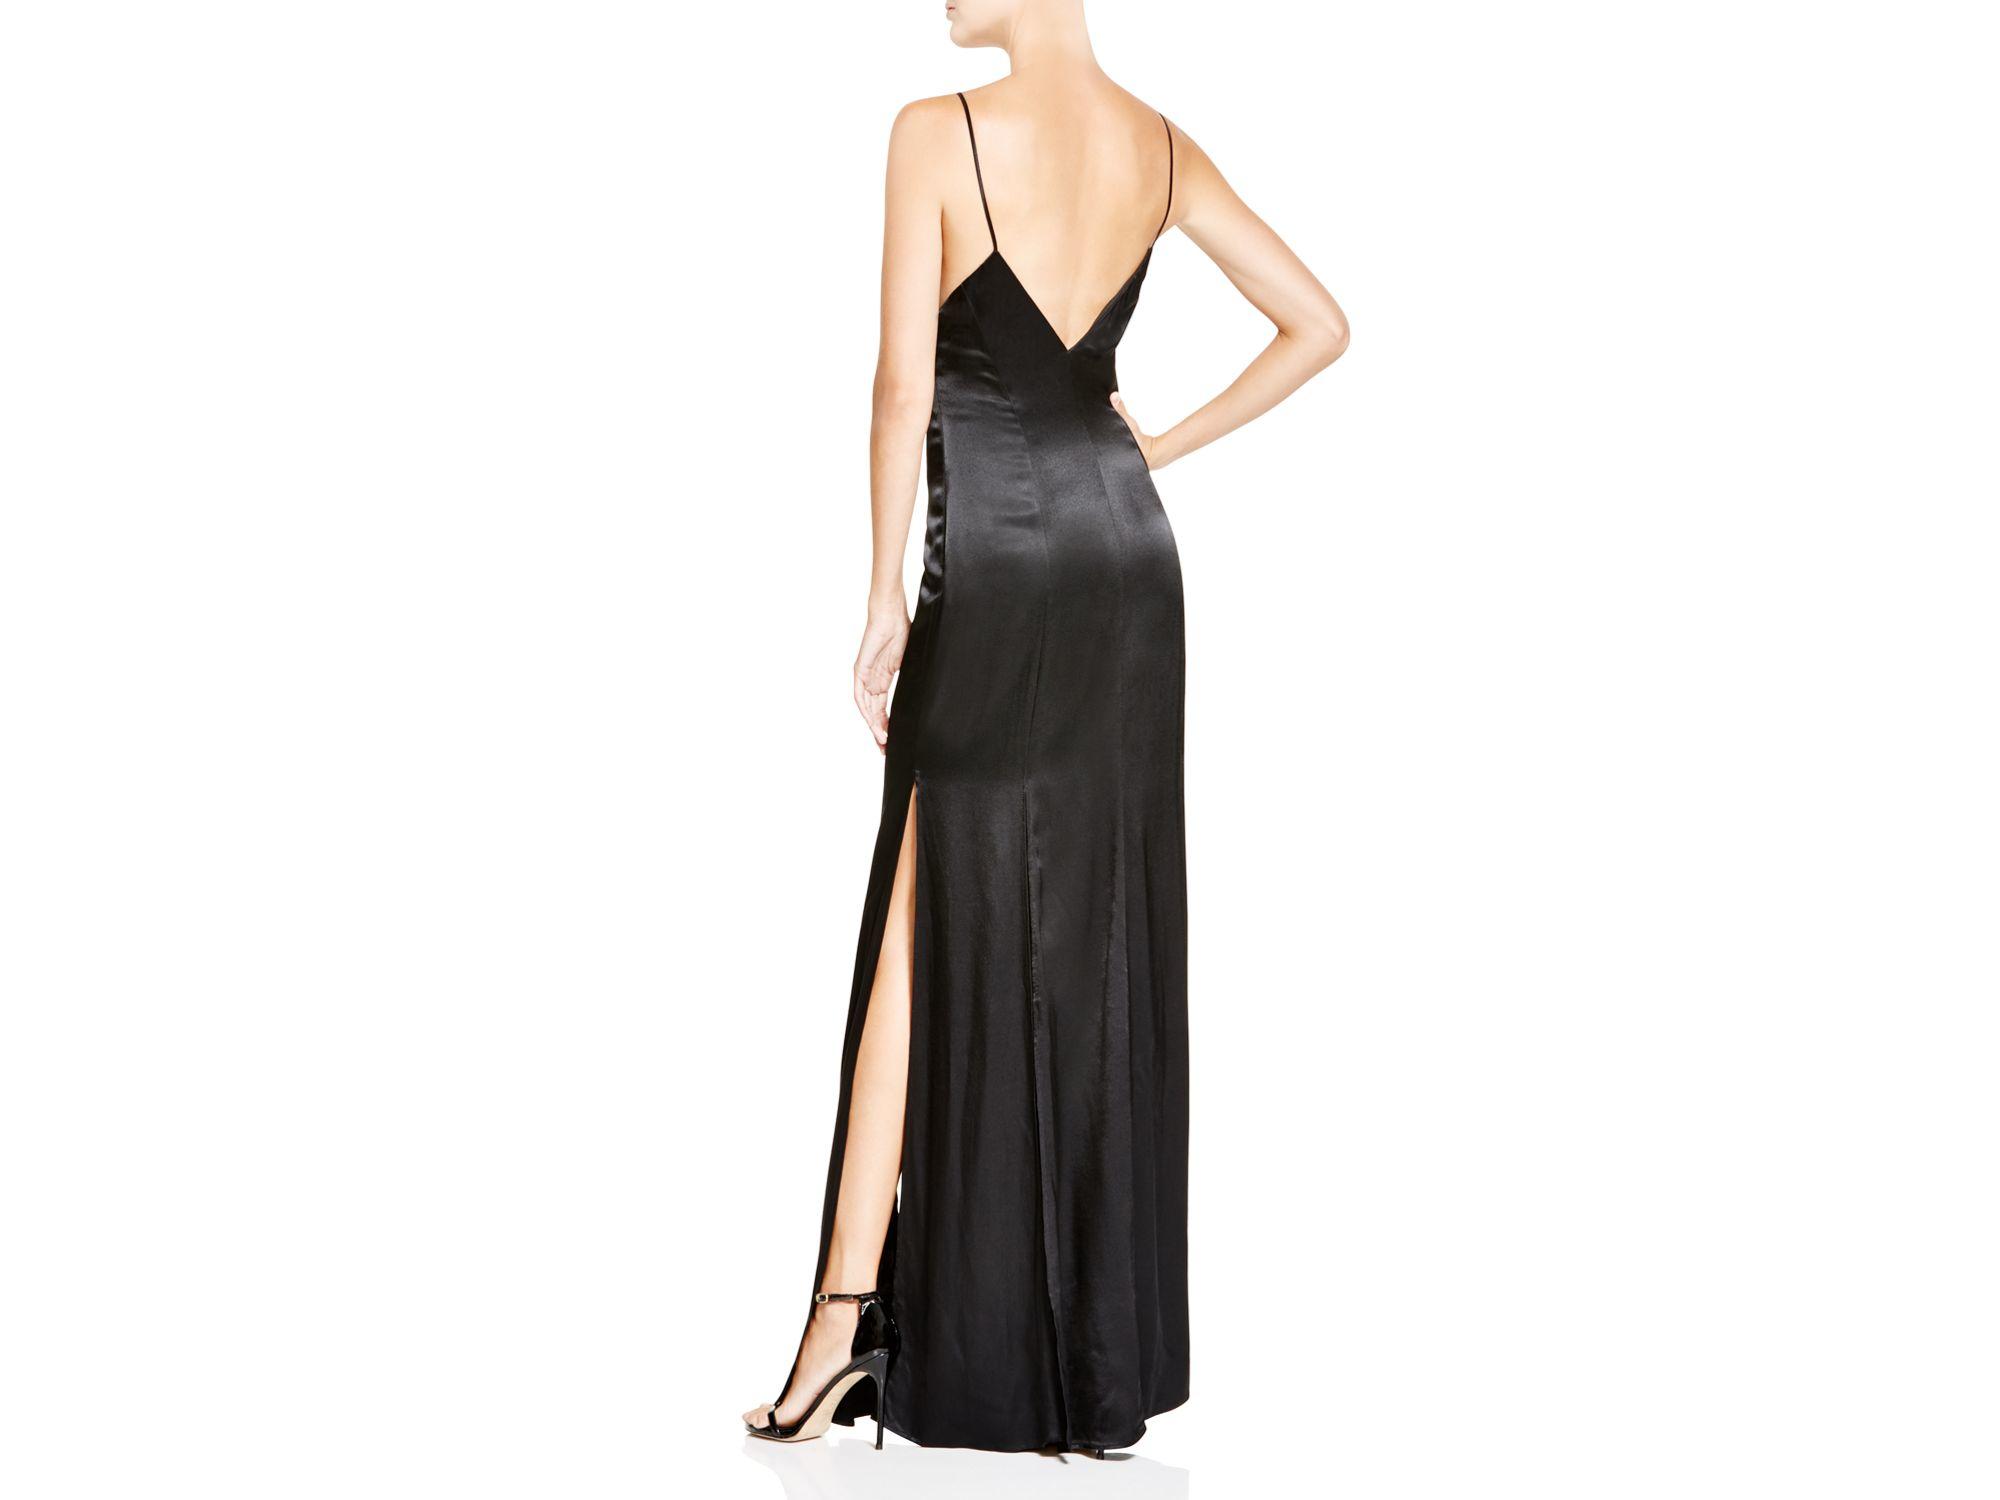 ABS by Allen Schwartz V-neck Slip Gown – Black size 8 | The Volte